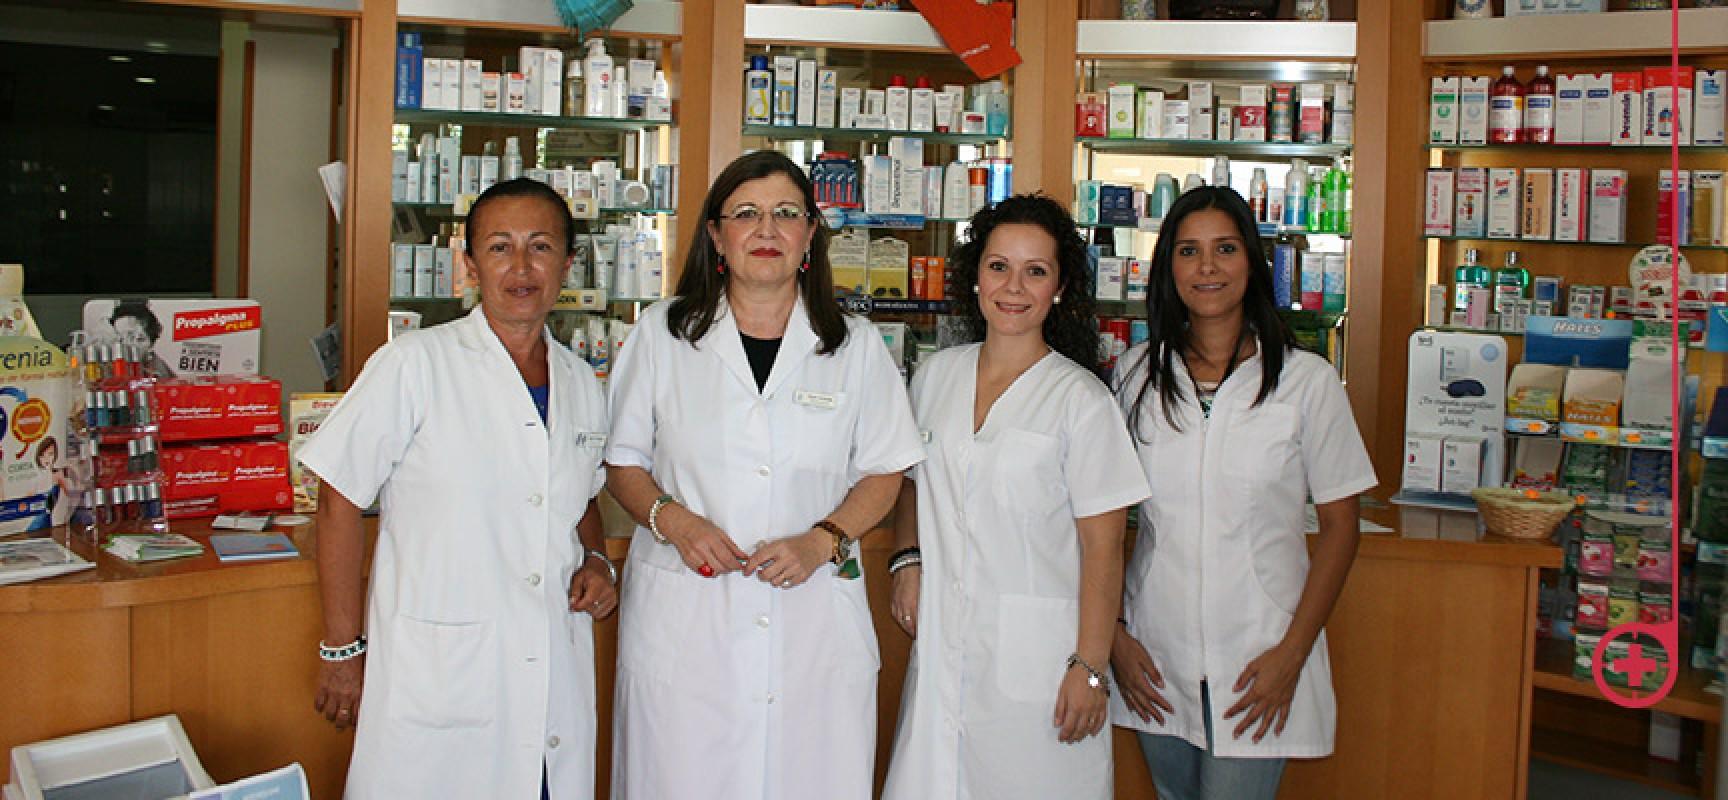 La farmacia comprometida con sus pacientes